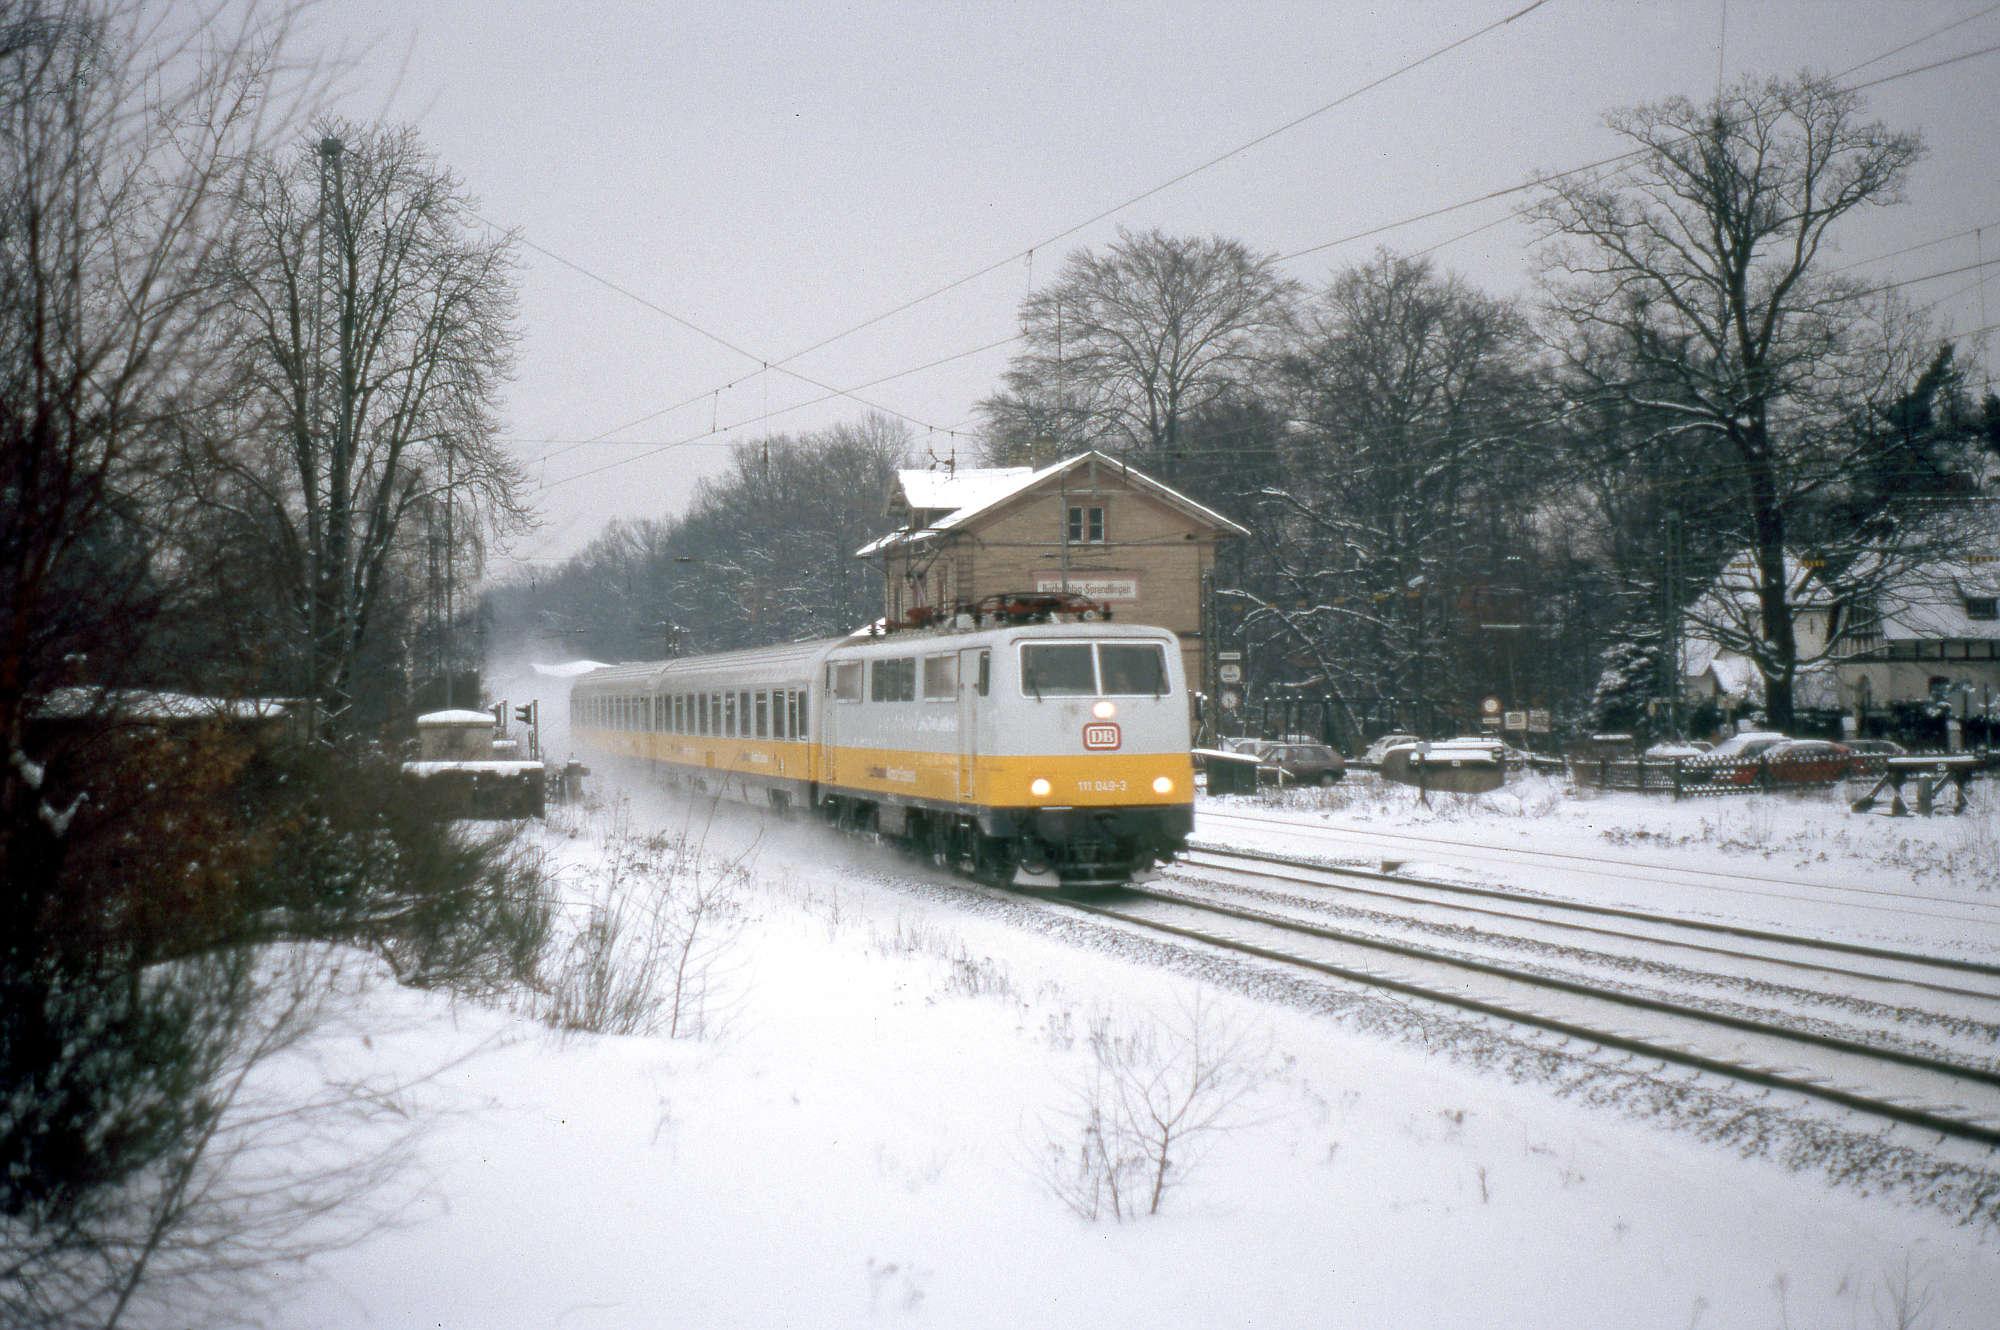 http://19891130.de/111049_Buchschlag_Sprendlingen_910220_EvN.jpg